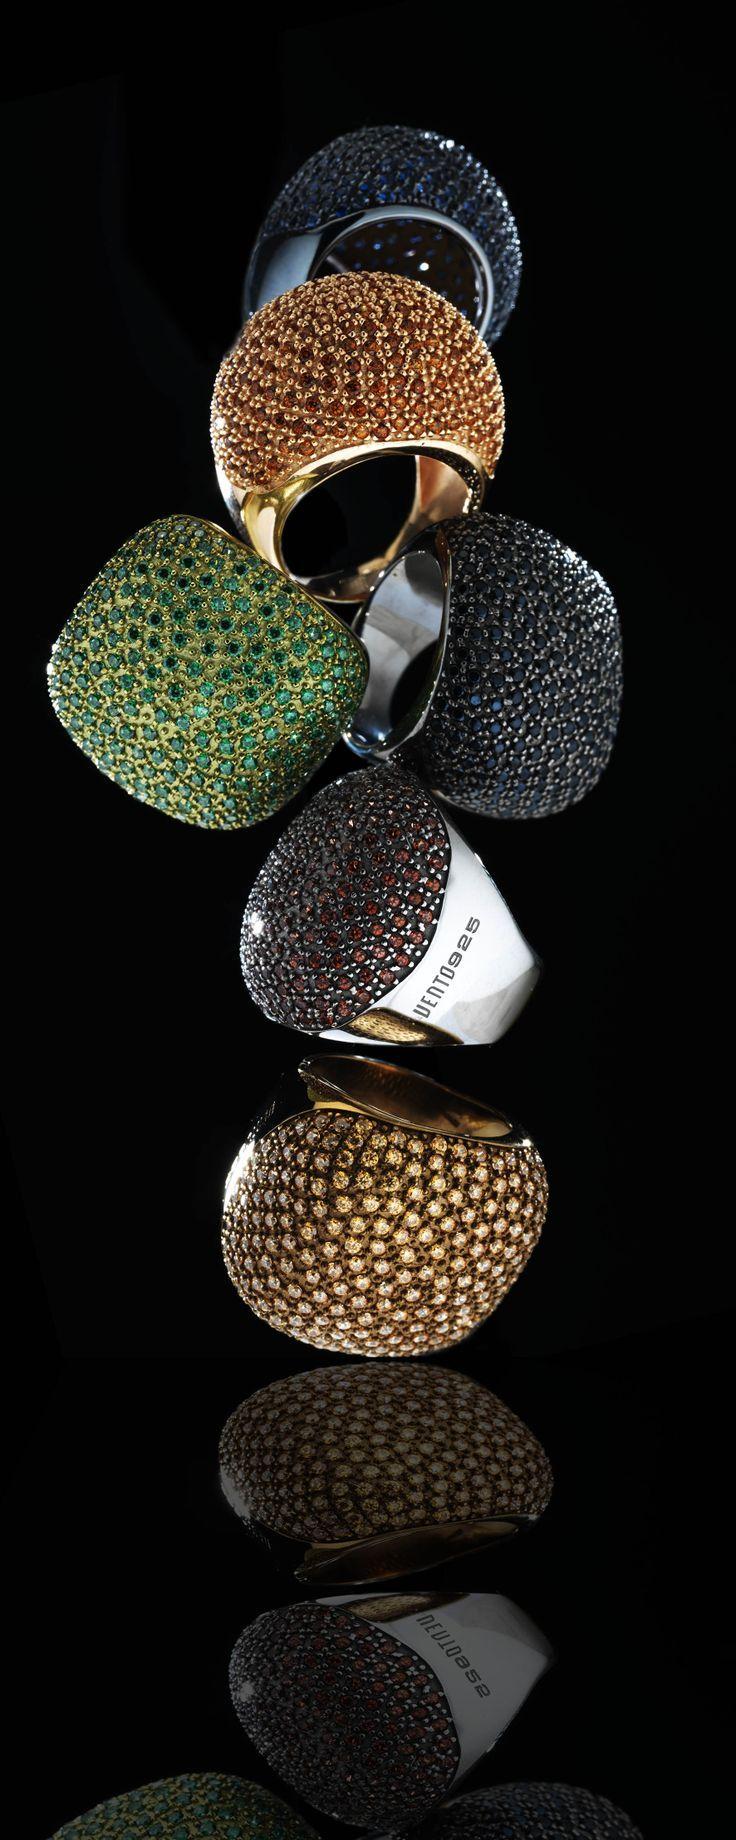 Pesavento - beauty bling jewelry fashion